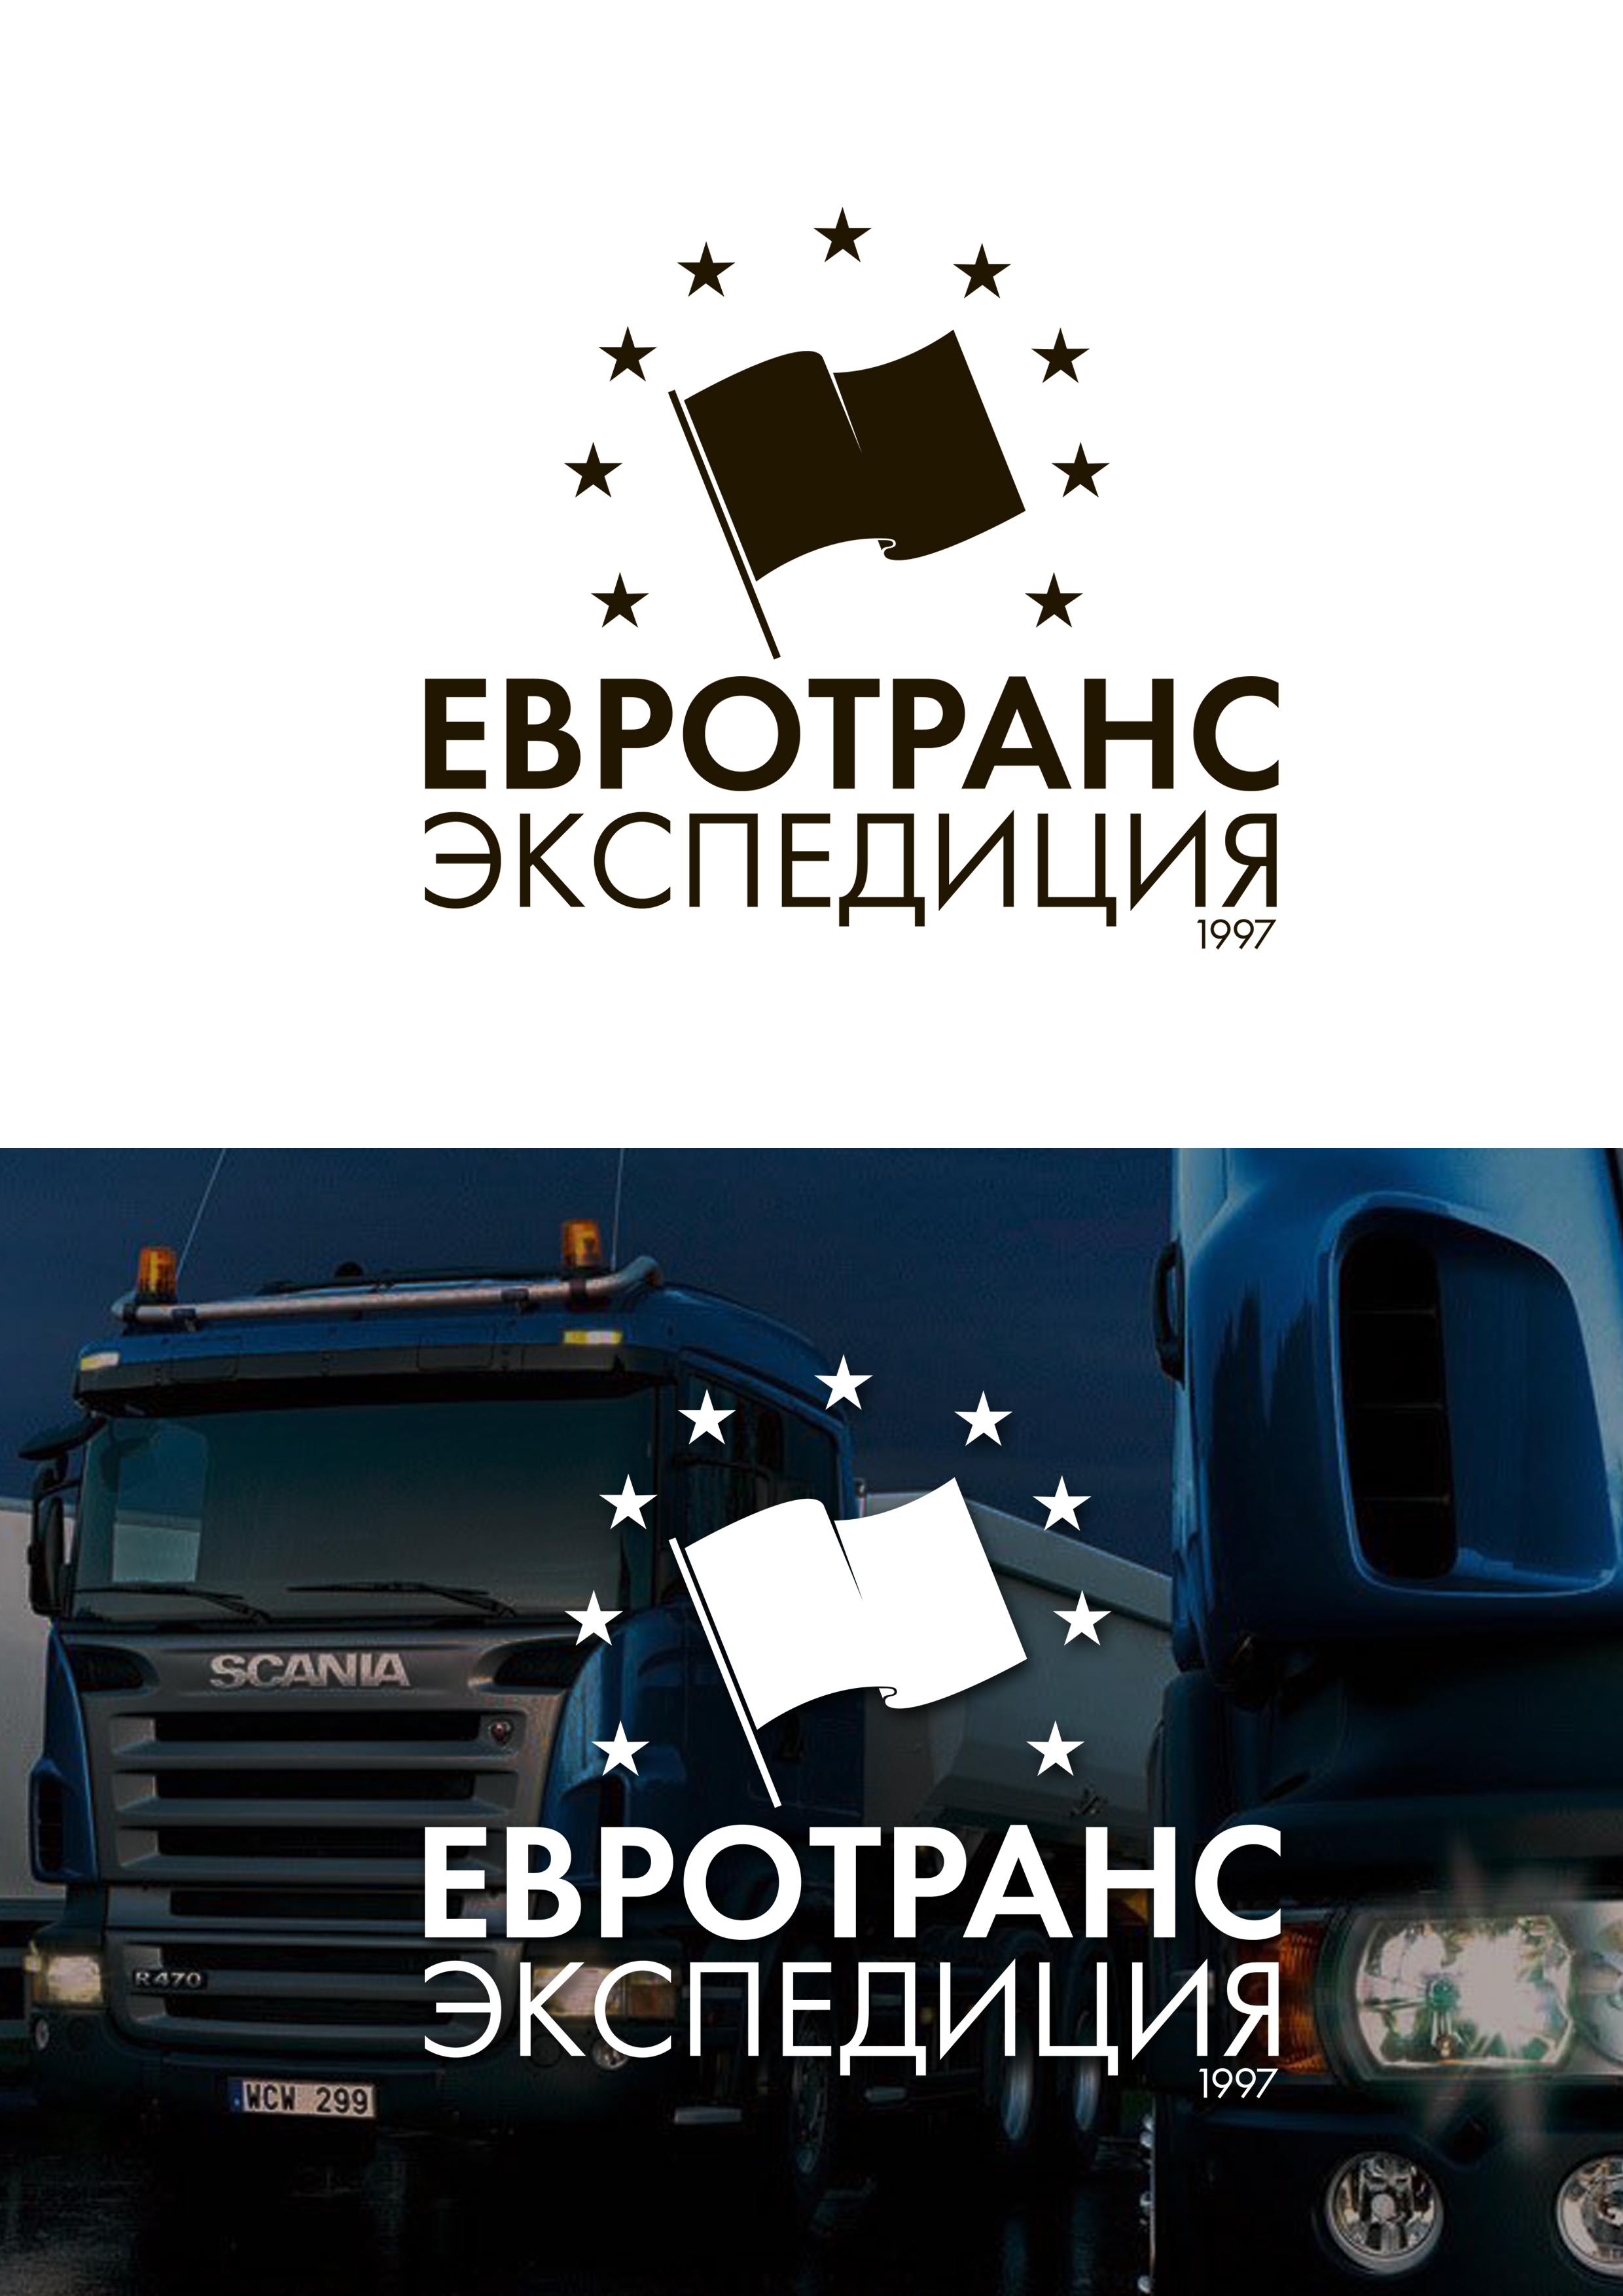 Предложите эволюцию логотипа экспедиторской компании  фото f_325590364e66b25a.jpg